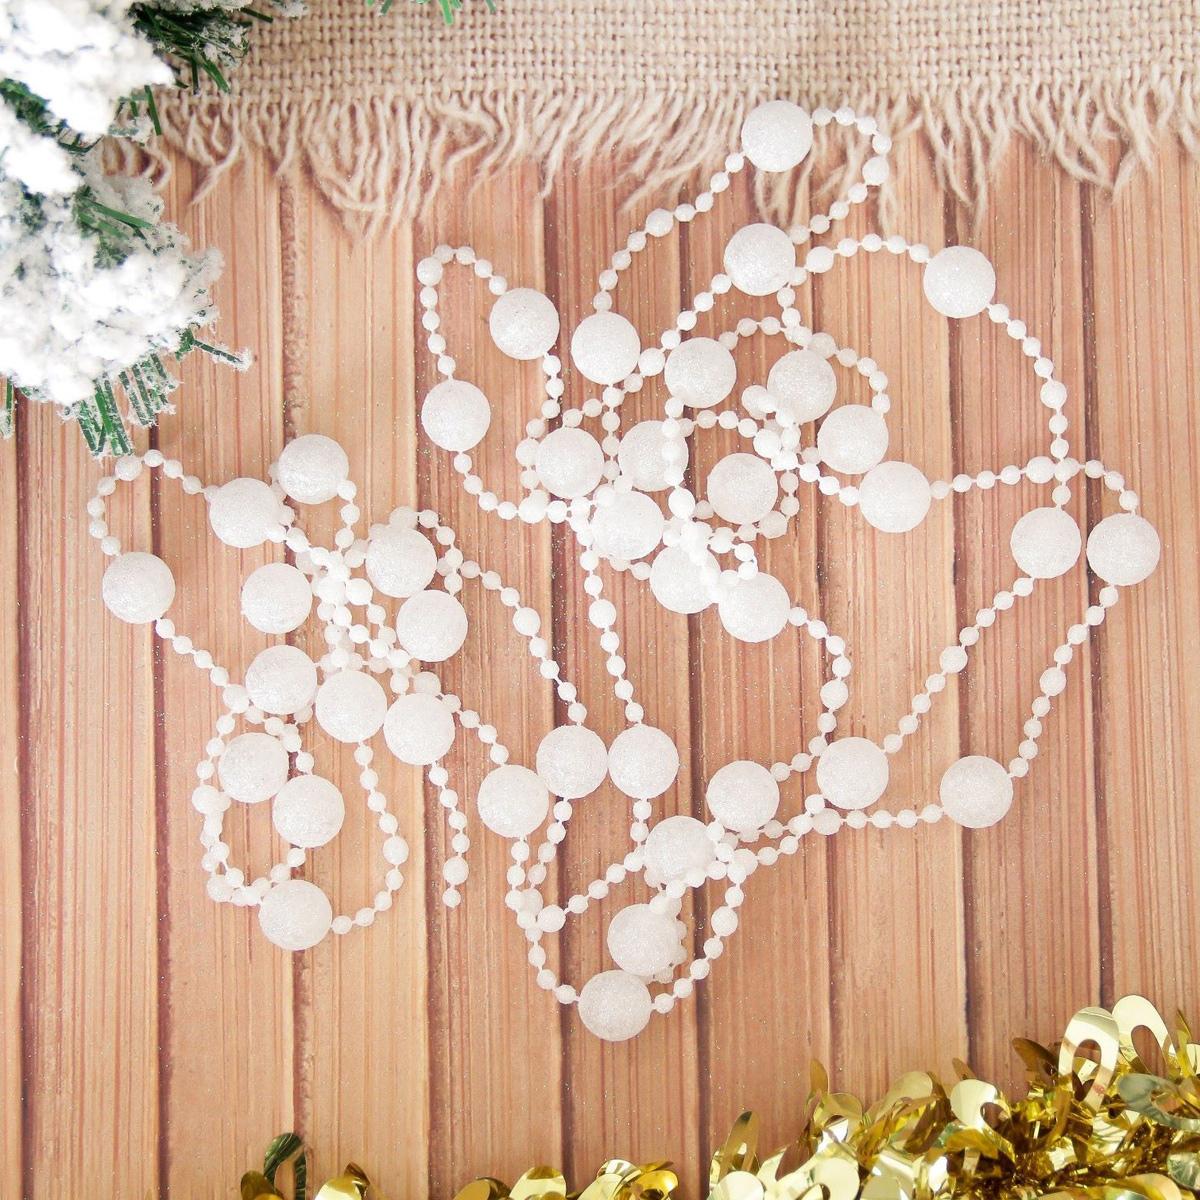 Бусы на елку Снежный шарик, длина 270 см. 21553622155362Невозможно представить нашу жизнь без праздников! Мы всегда ждем их и предвкушаем, обдумываем, как проведем памятный день, тщательно выбираем подарки и аксессуары, ведь именно они создают и поддерживают торжественный настрой. Это отличный выбор, который привнесет атмосферу праздника в ваш дом!